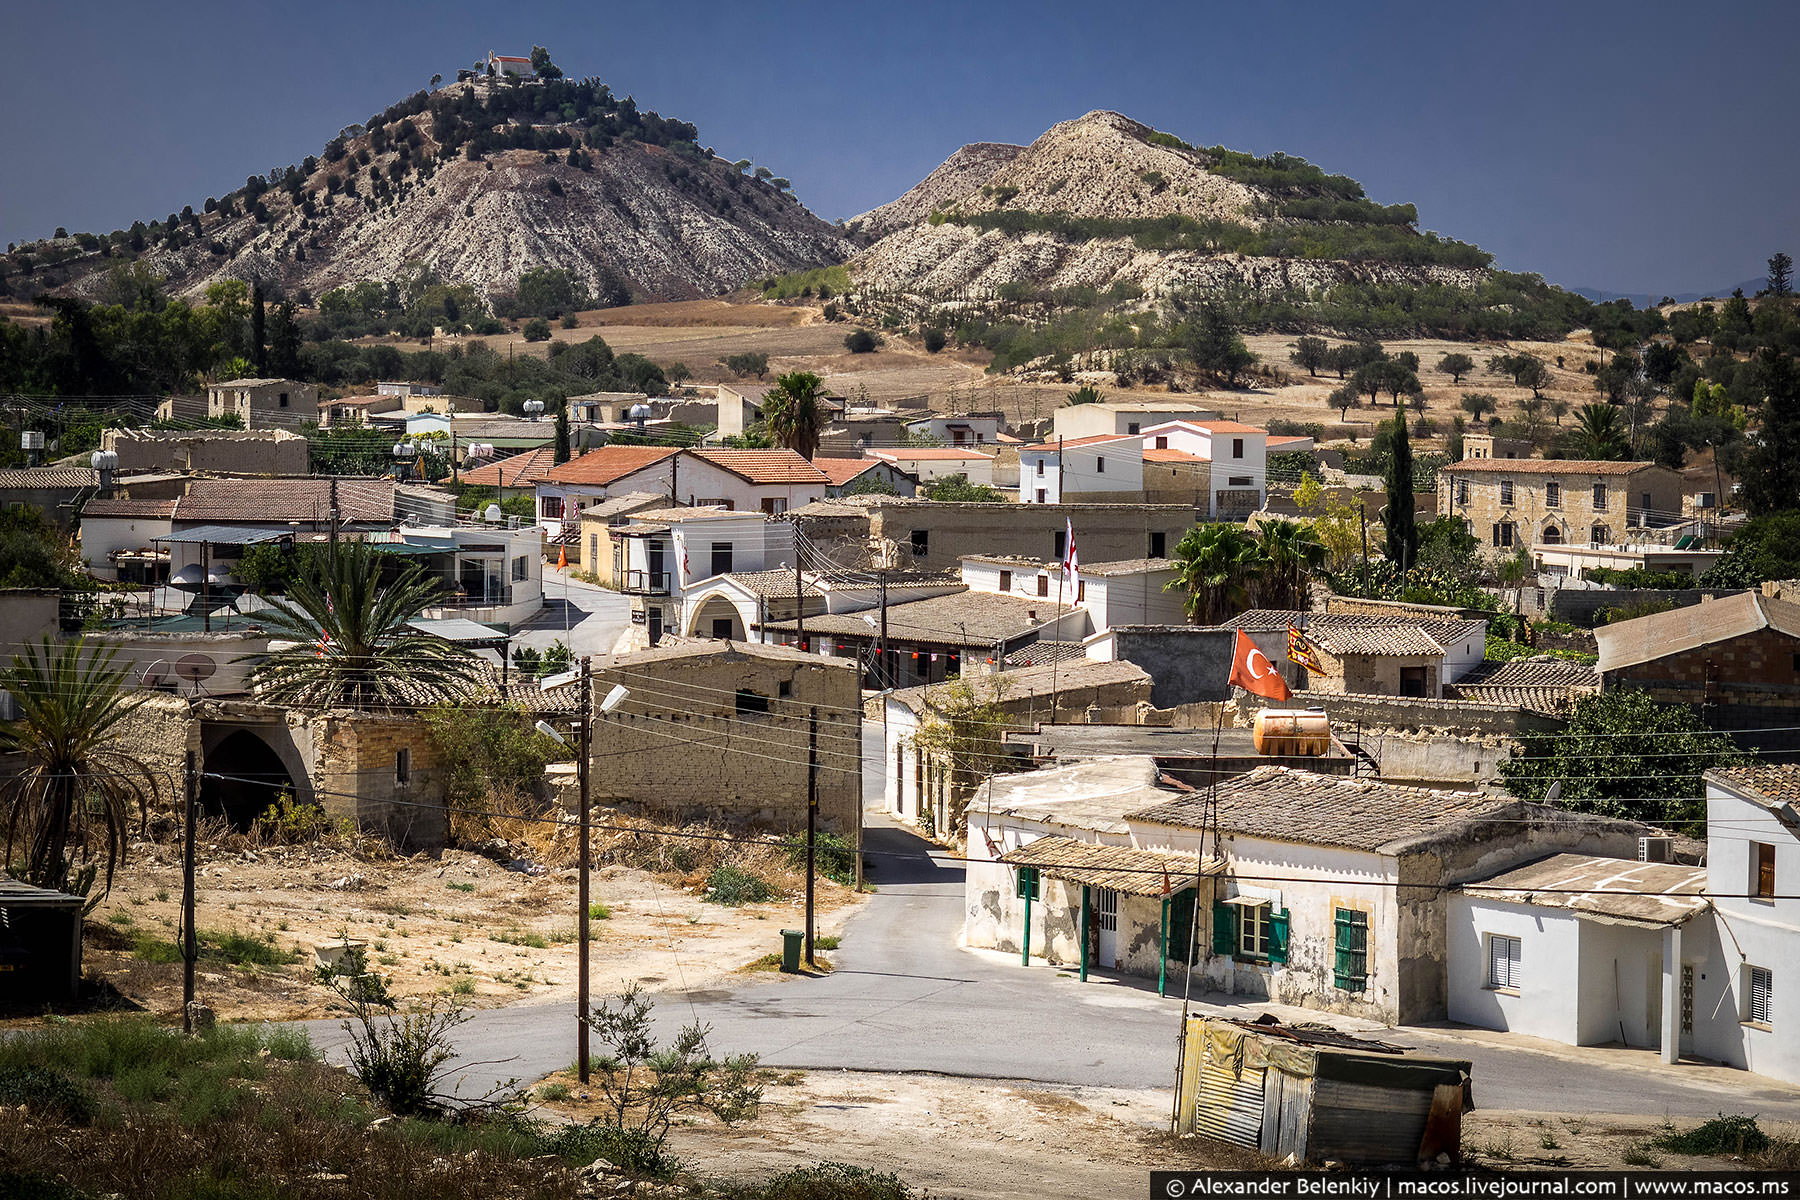 43 года в осаде: как выживает турецкая деревня посреди греческого Кипра